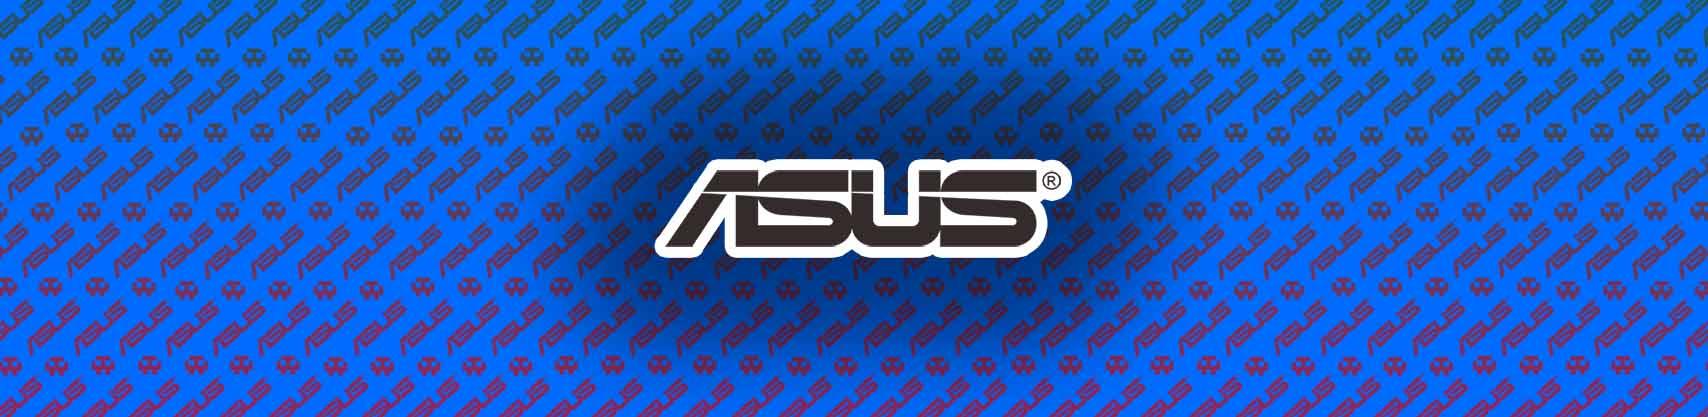 Asus Sabertooth X99 Manual